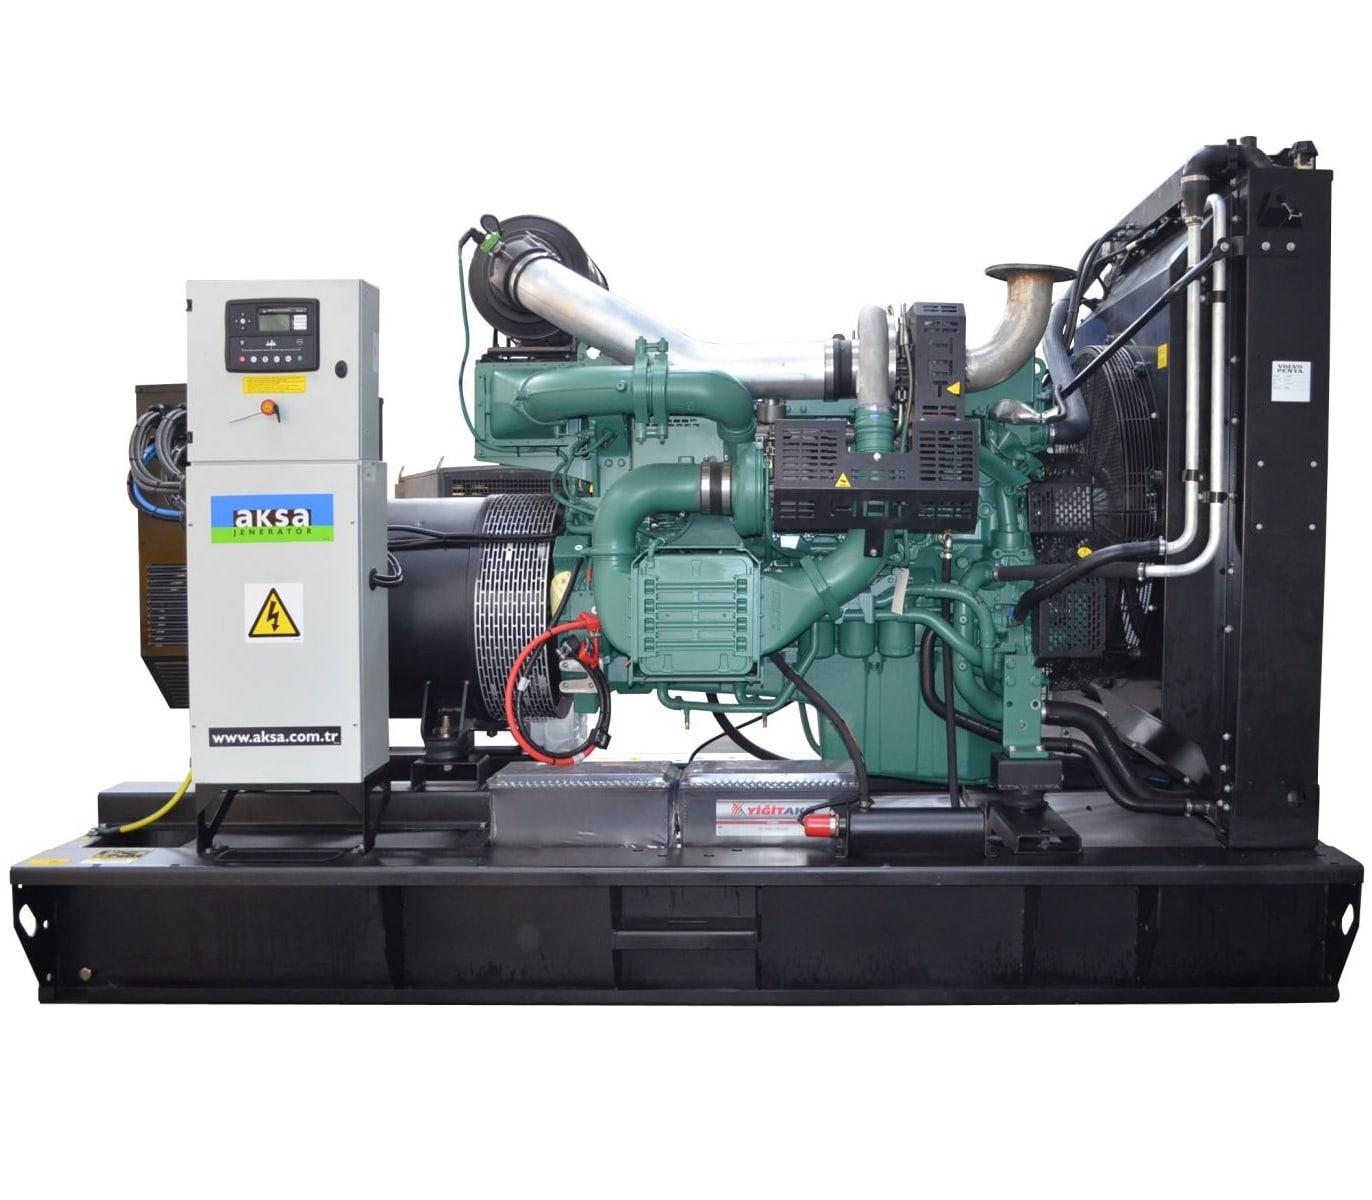 дизельная электростанция aksa avp-275